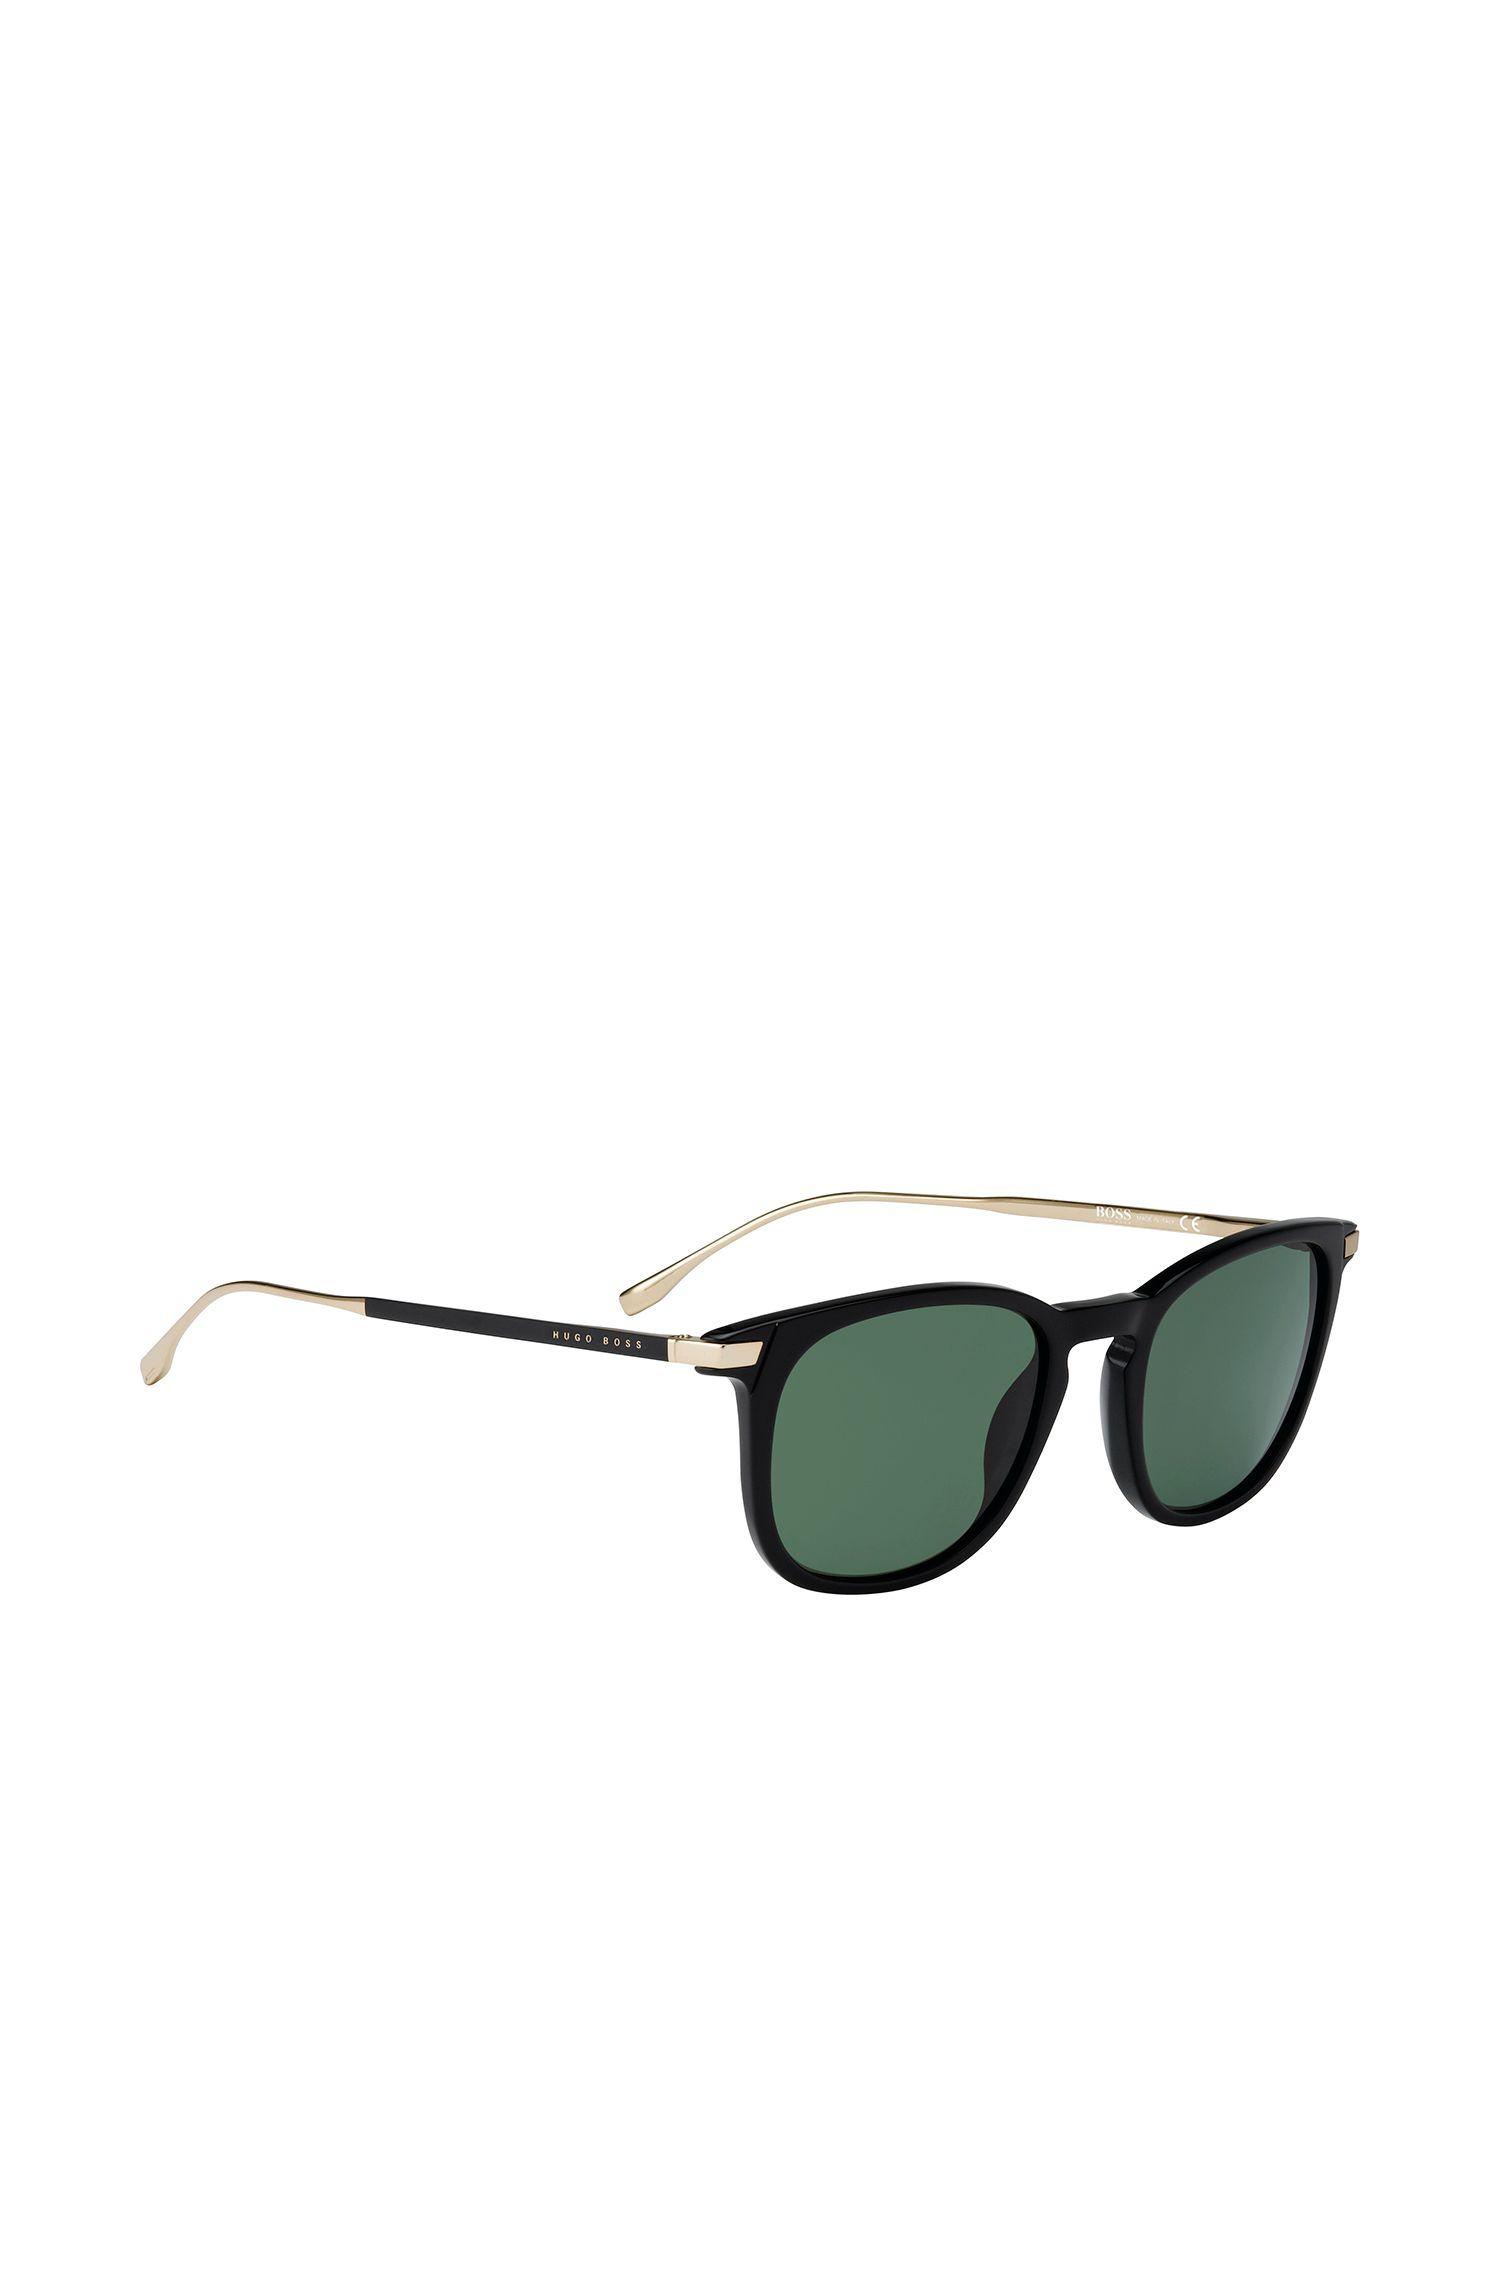 'BOSS 0783S' | Brown Lens Acetate Sunglasses